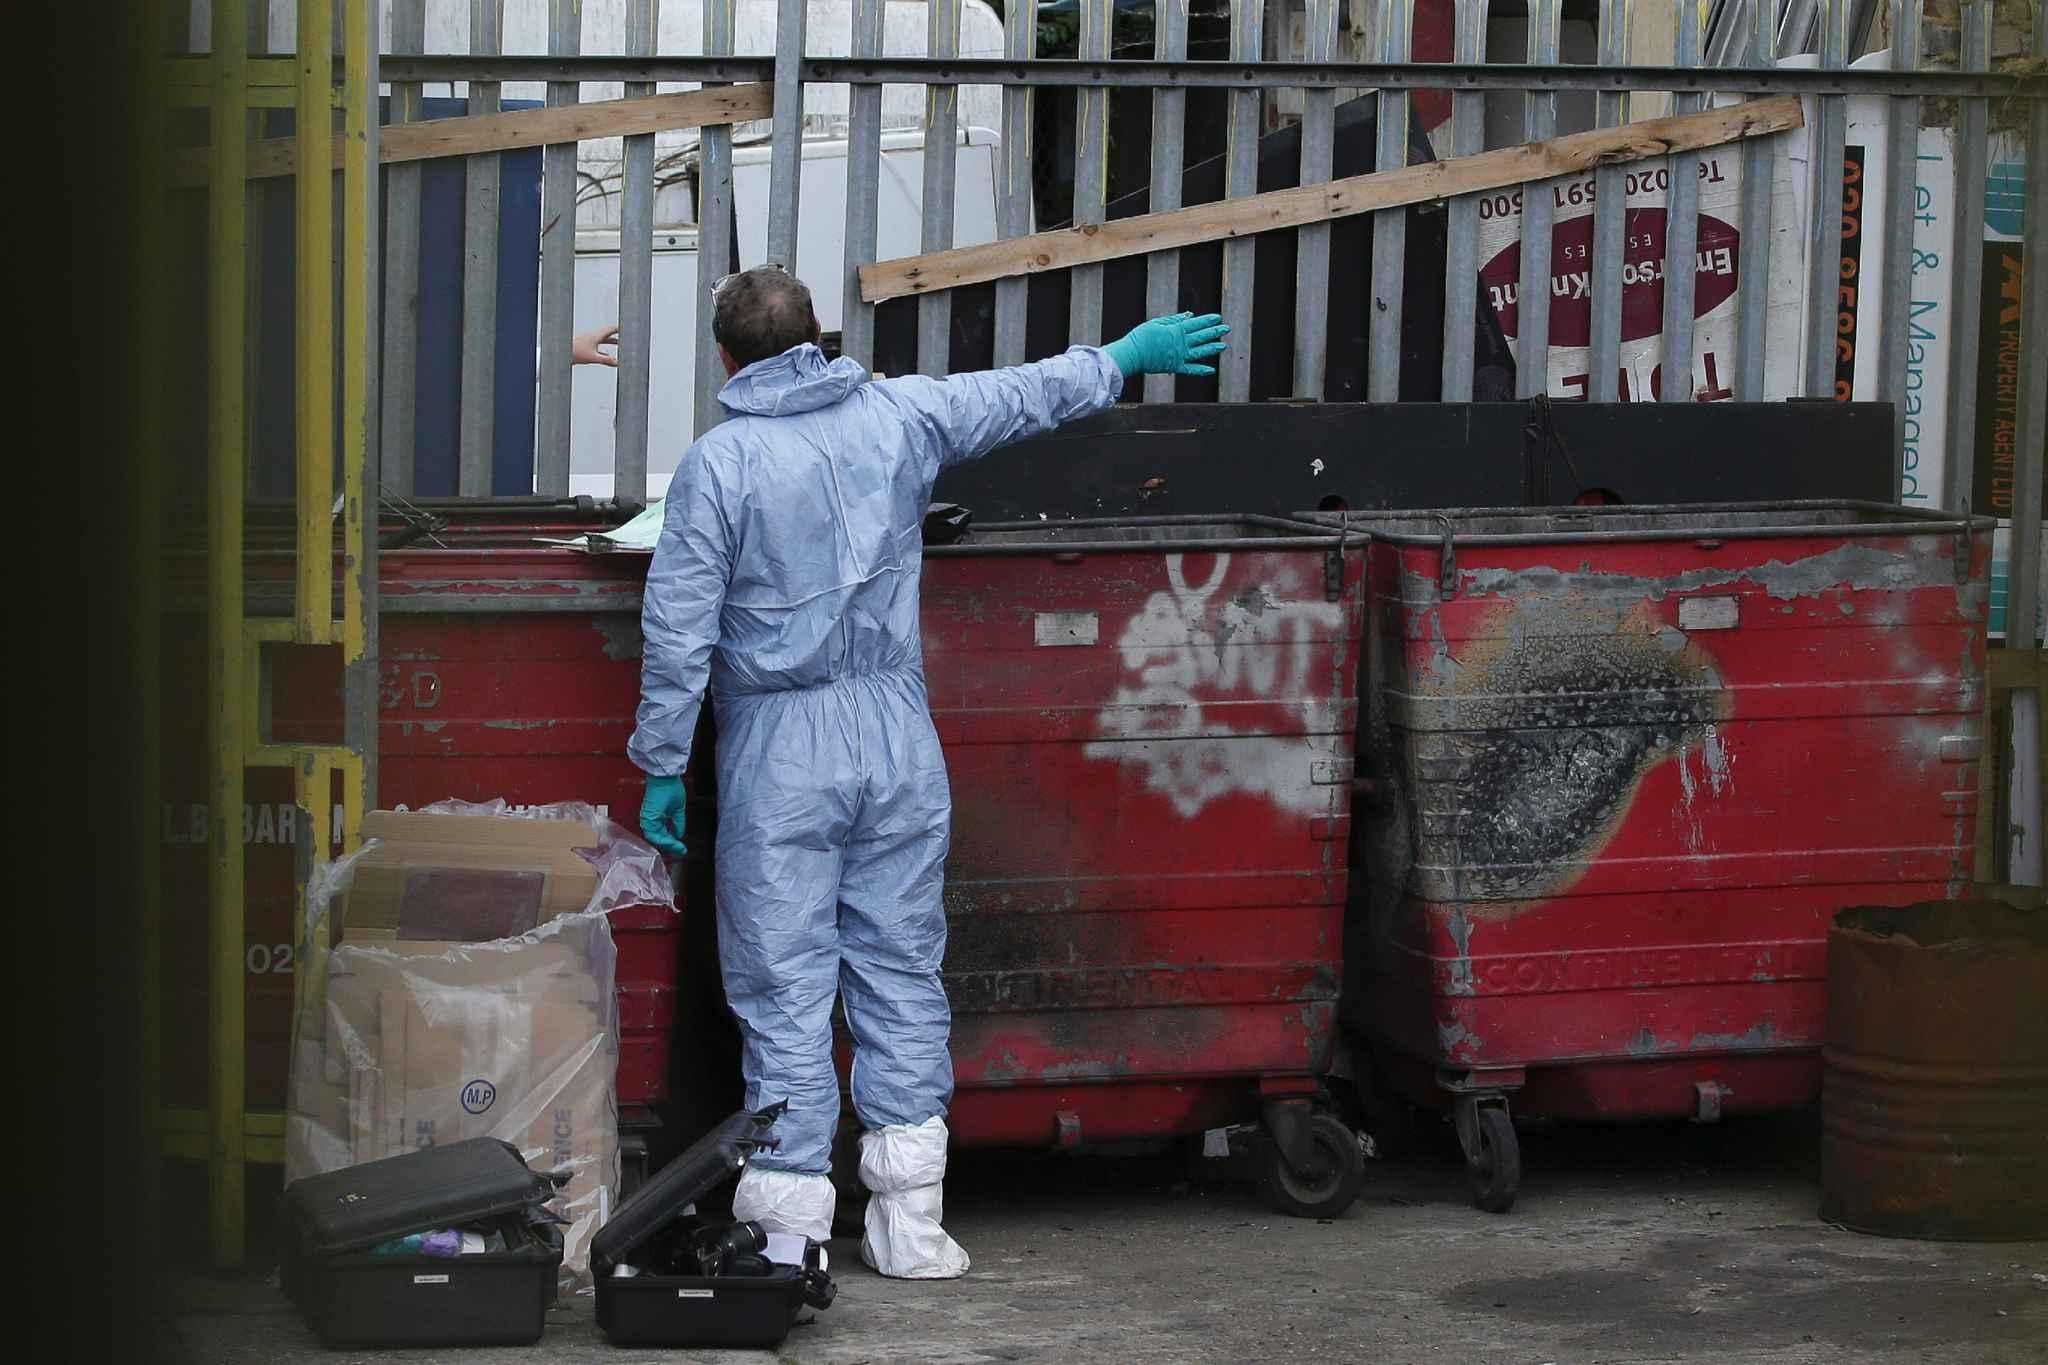 Les assaillants identifiés — Attentat de Londres